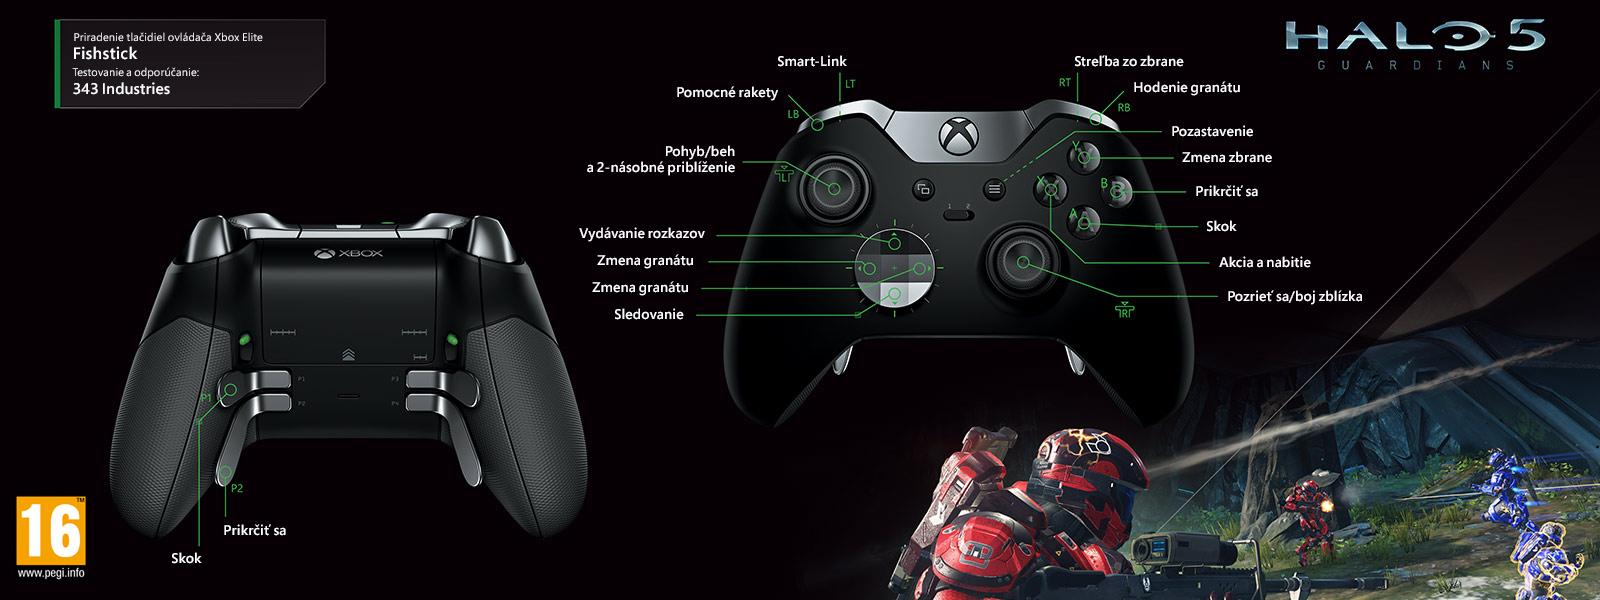 Mapovanie ovládača Elite k hre Halo 5 – Fishstick